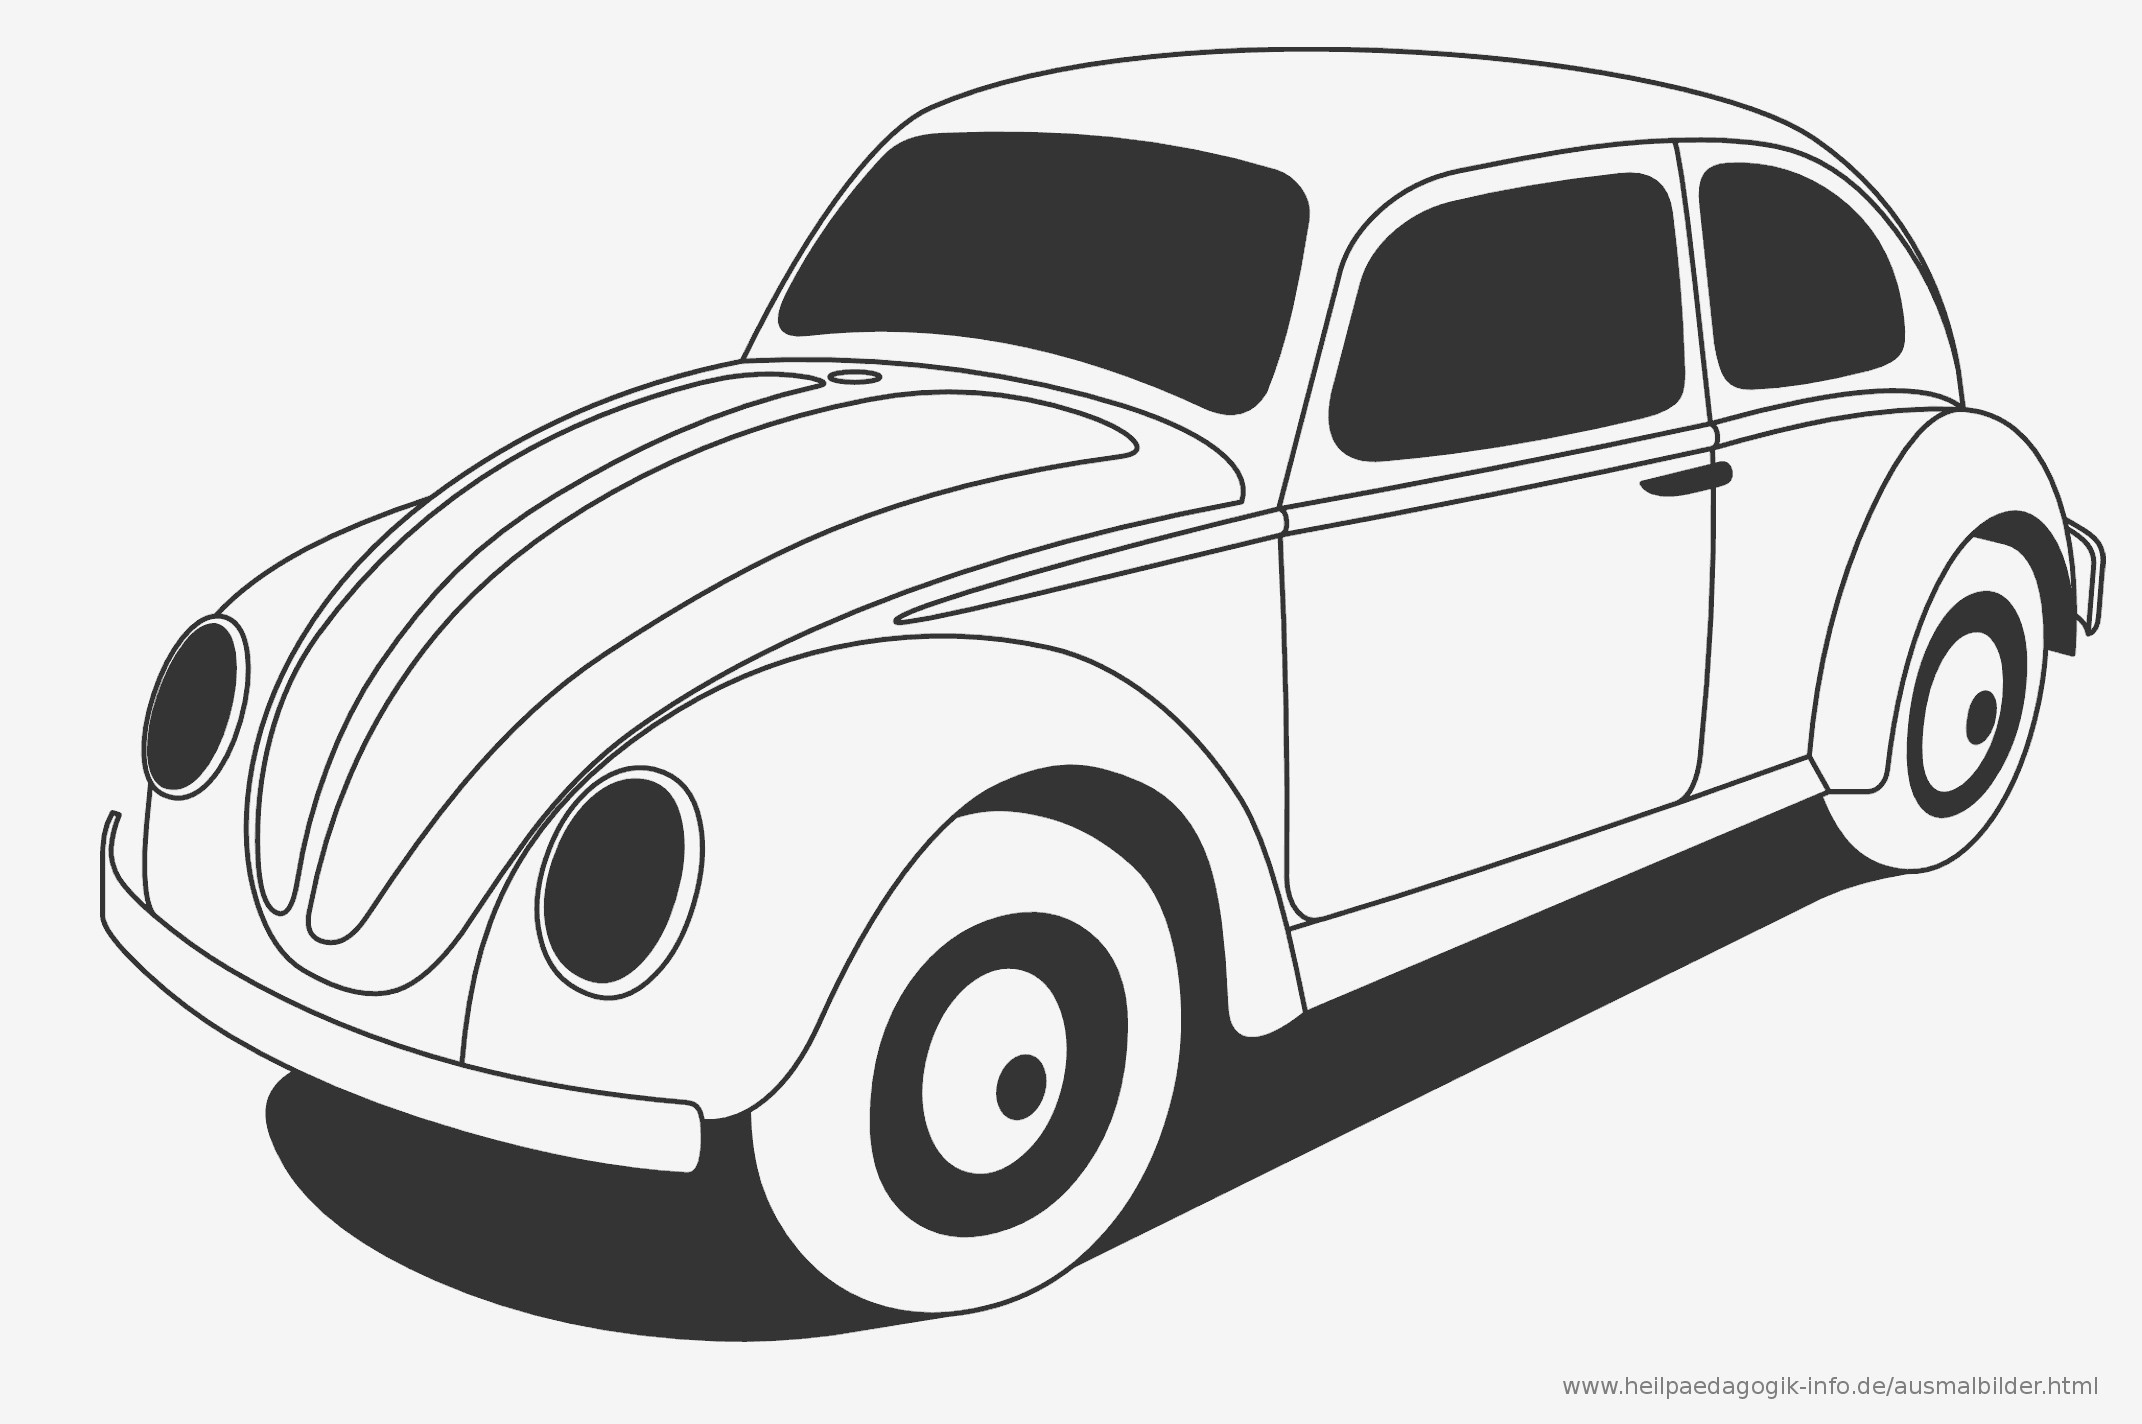 Ausmalbilder Bugatti Chiron Inspirierend Autos Ausmalbilder Eine Sammlung Von Färbung Bilder Ausmalbilder Bild